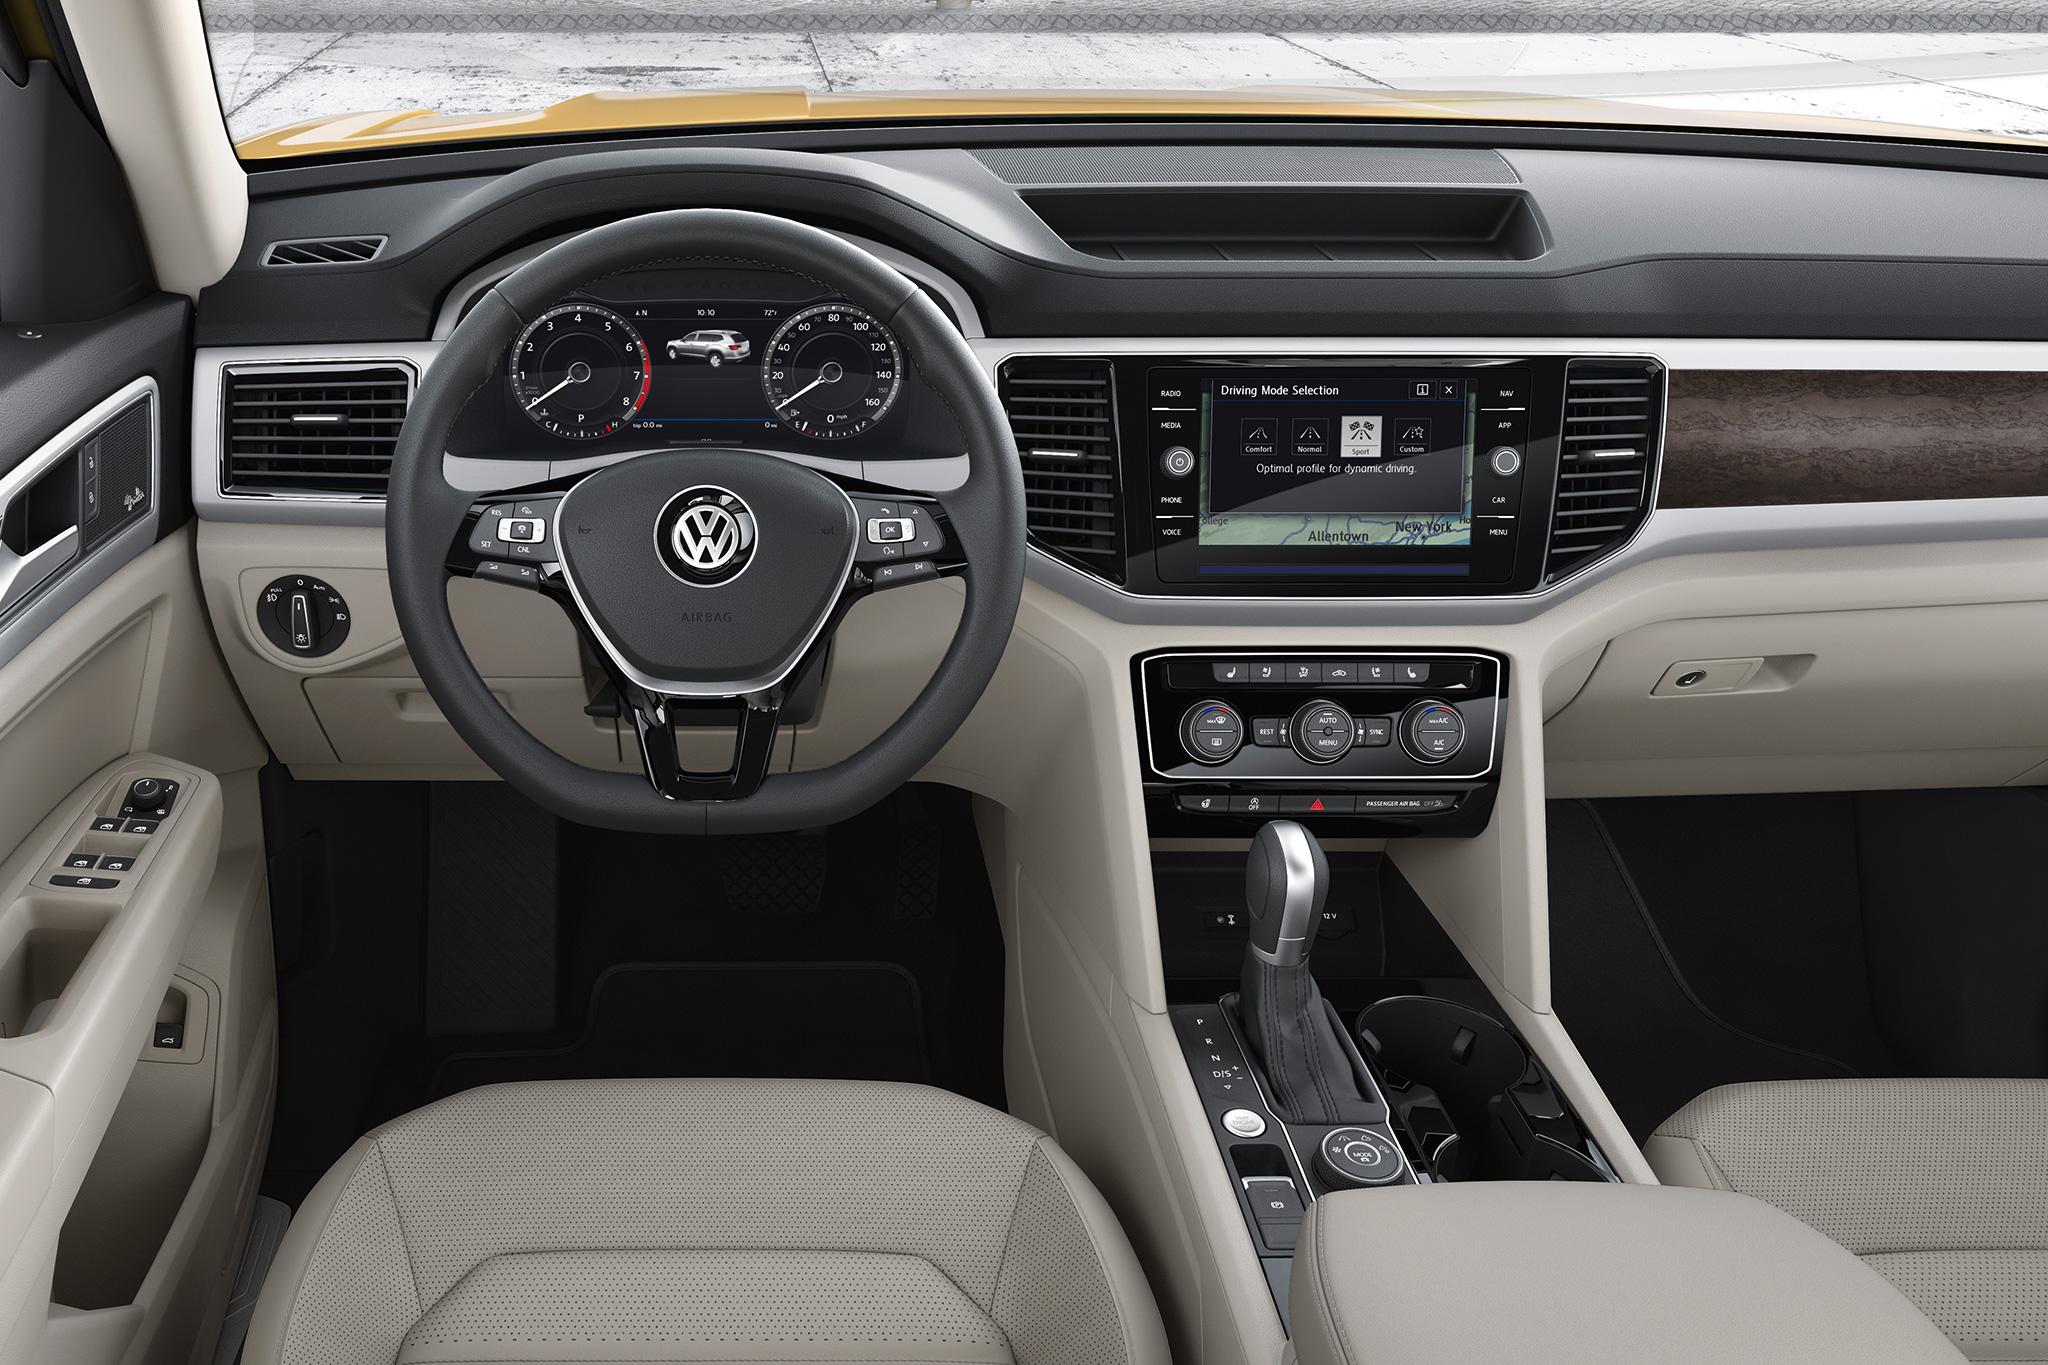 2018-Volkswagen-Atlas-dashboard